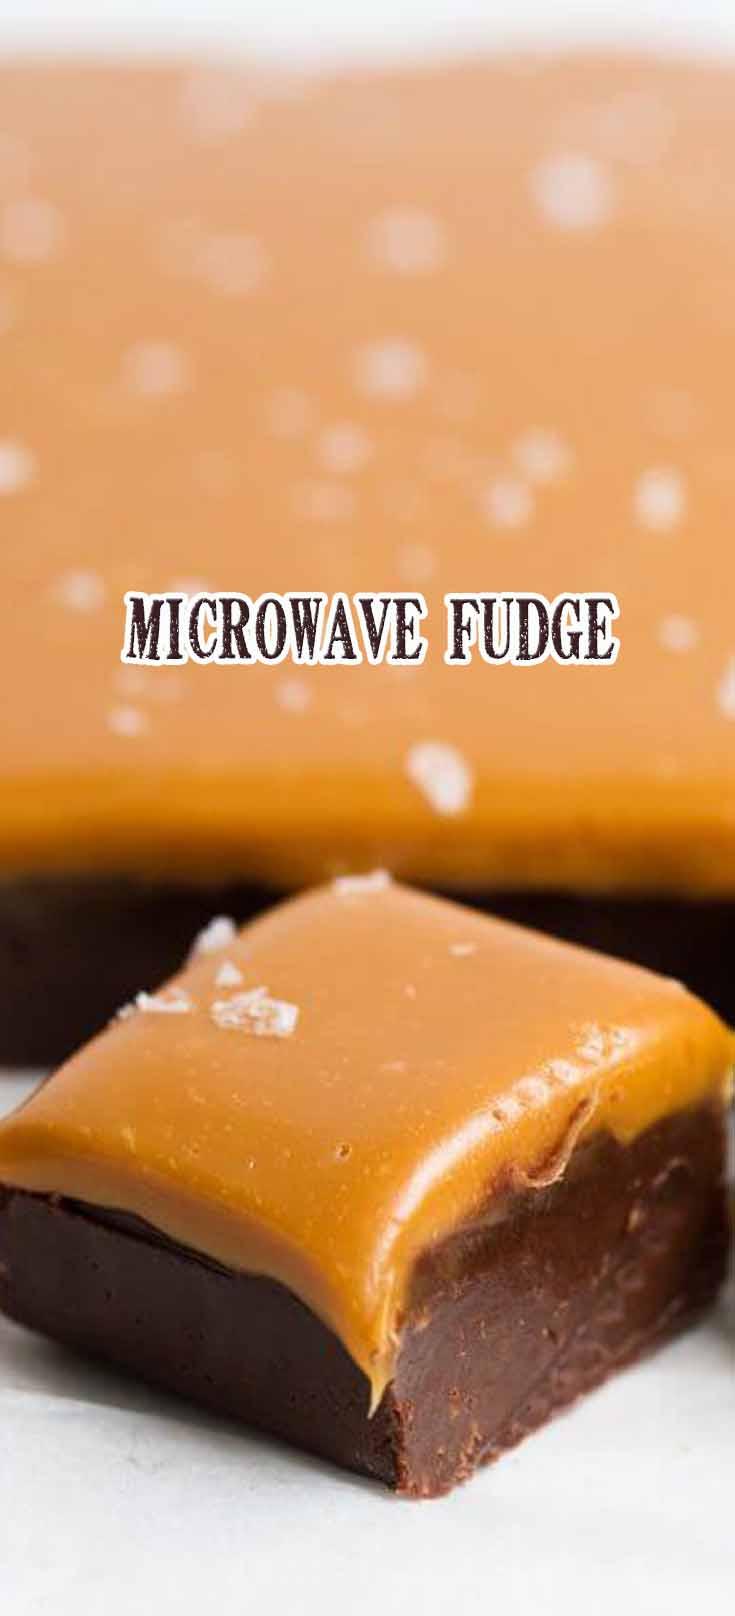 Microwave Fudge Recipe